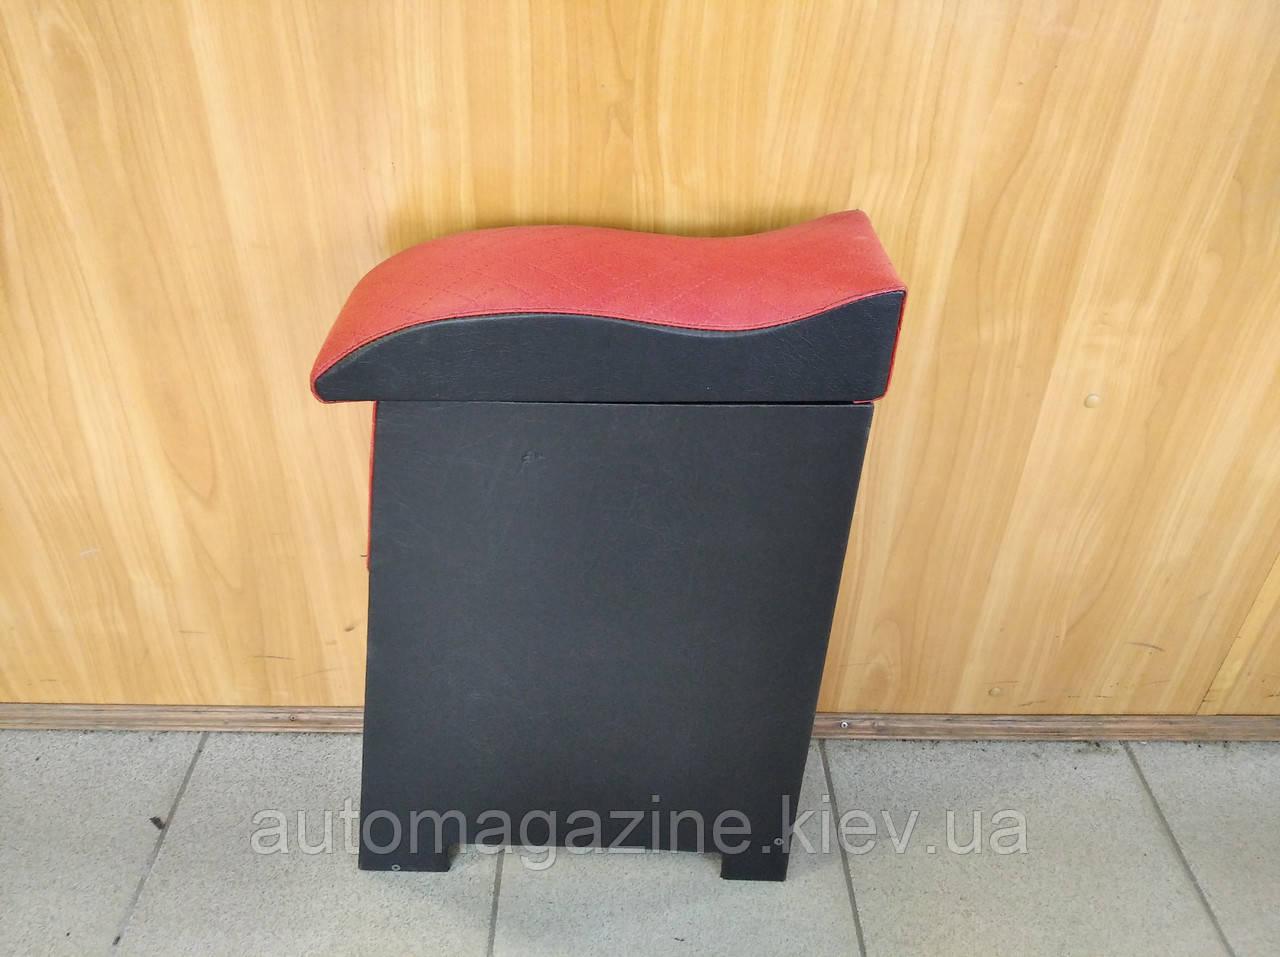 Подлокотник между сиденьями Газель, Соболь (красный)